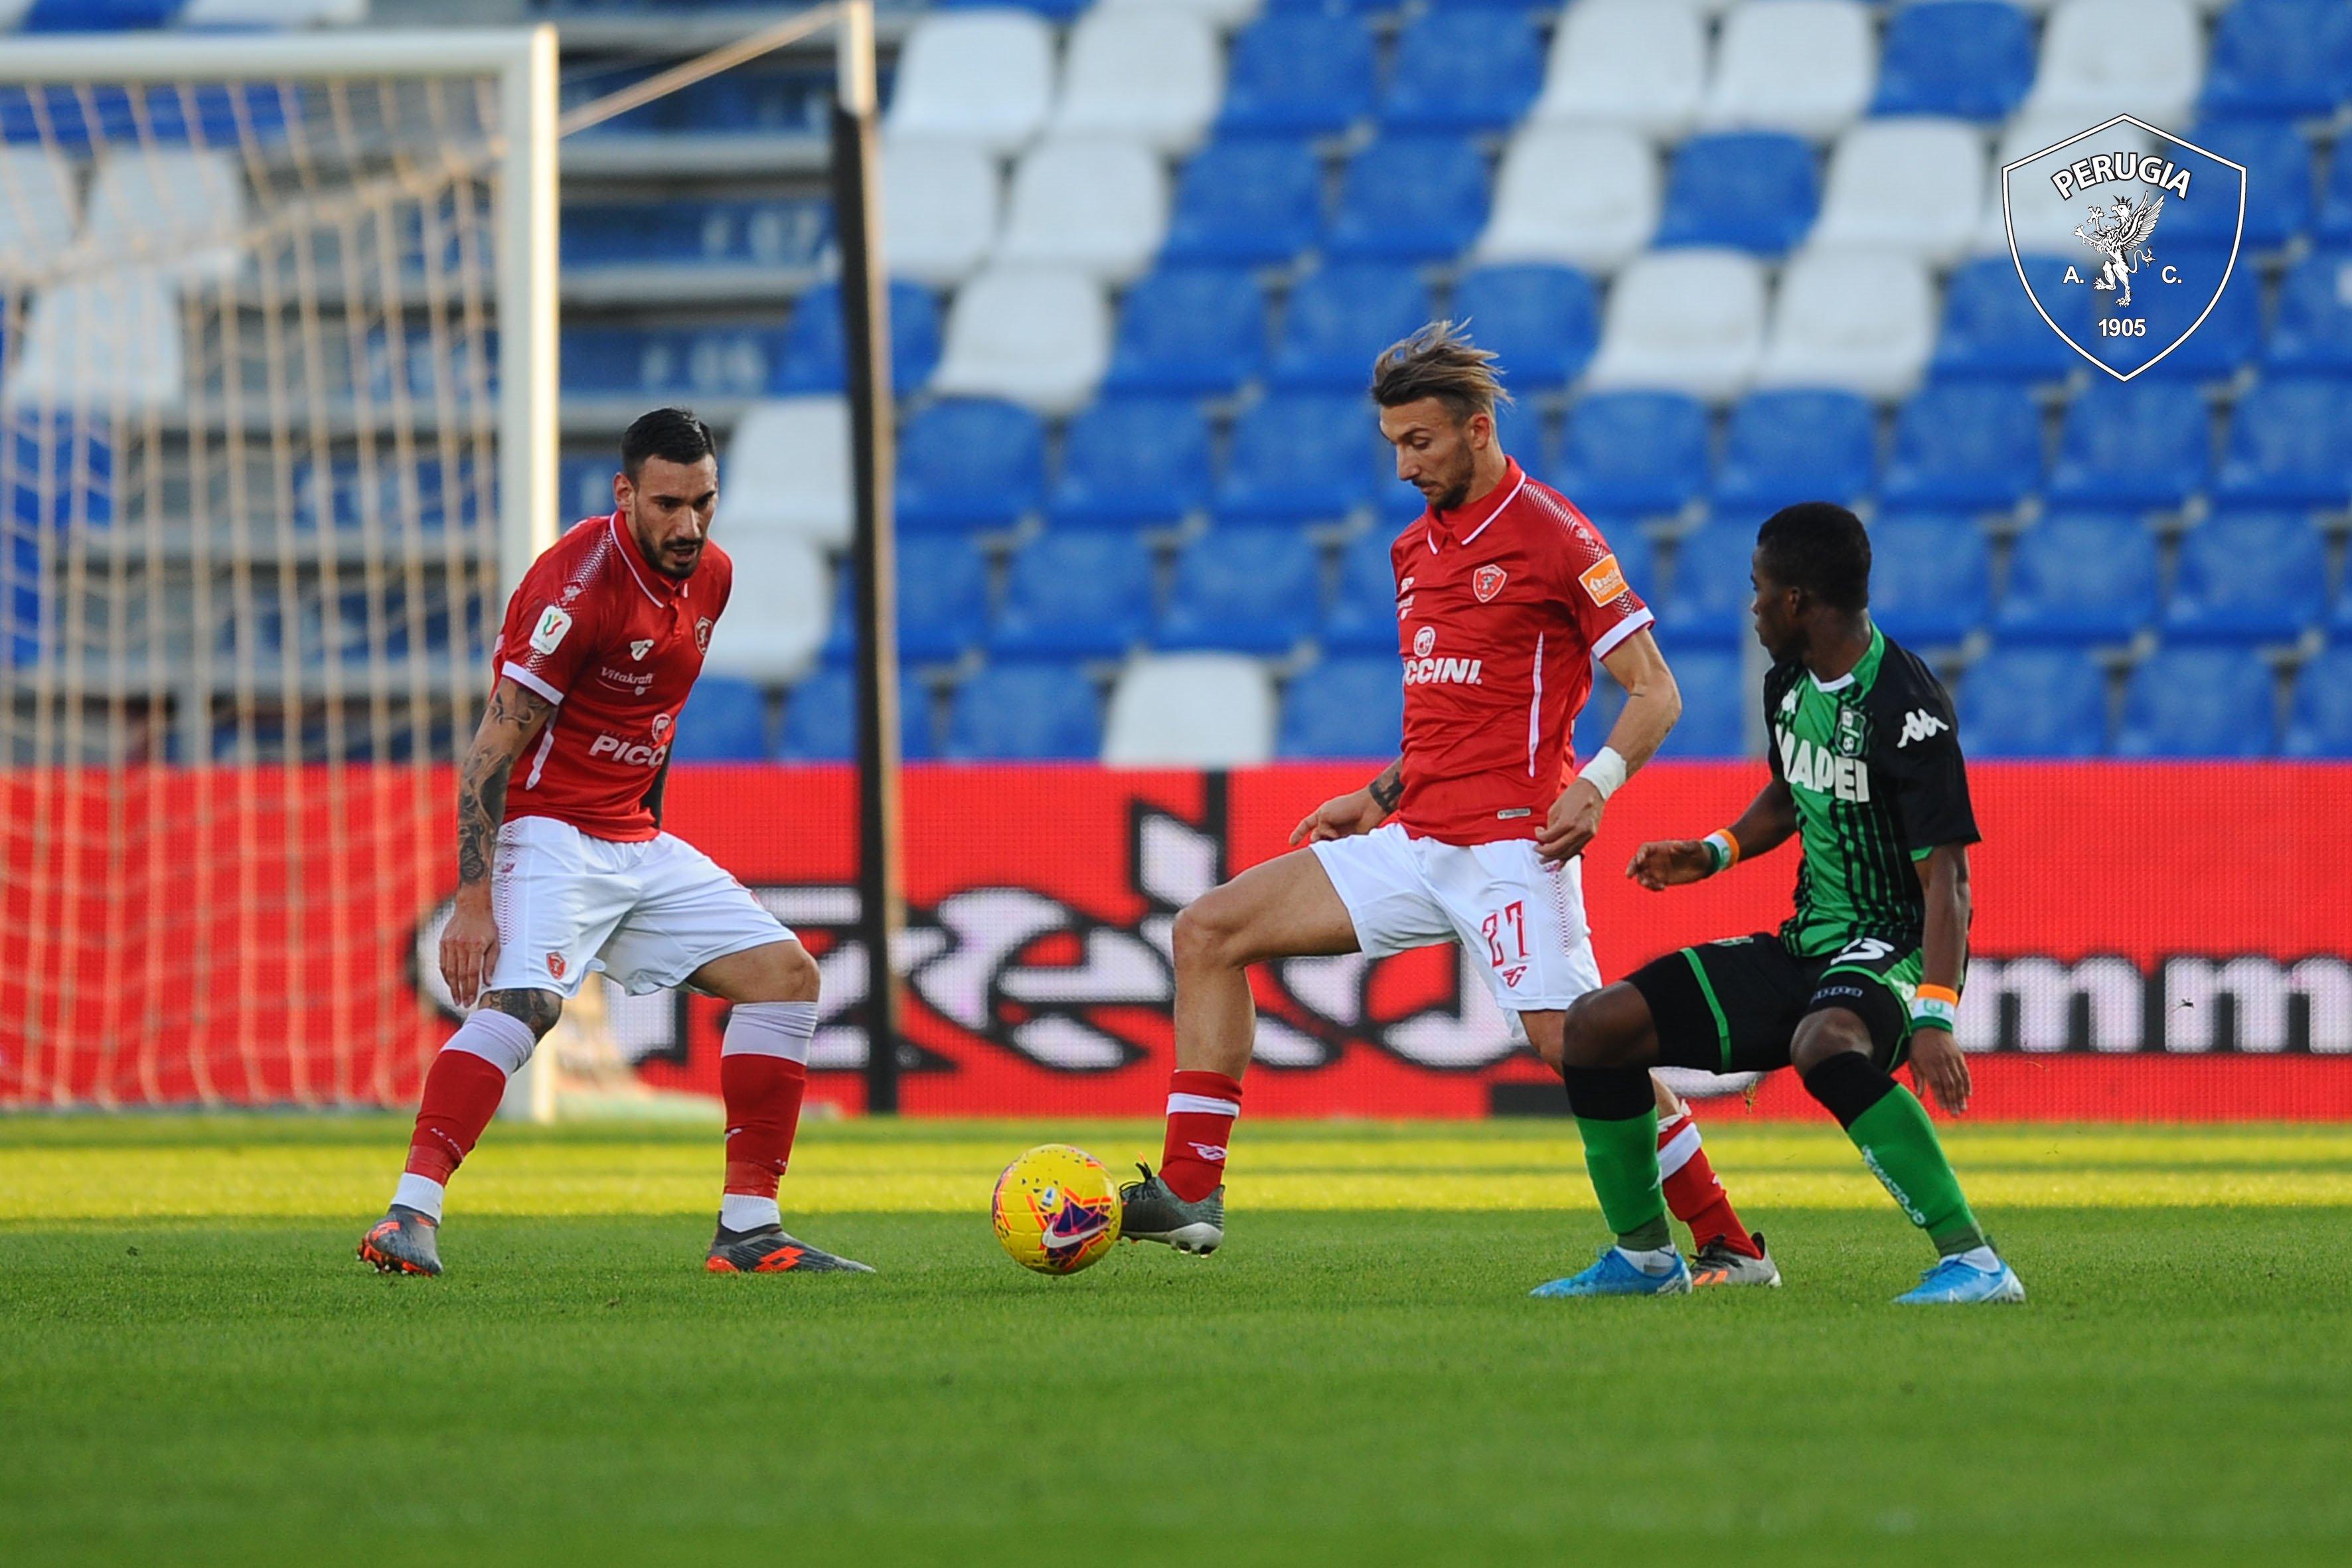 Taça de Itália: Perugia afasta Sassuolo e segue com SPAL e Udinese para 'oitavos'